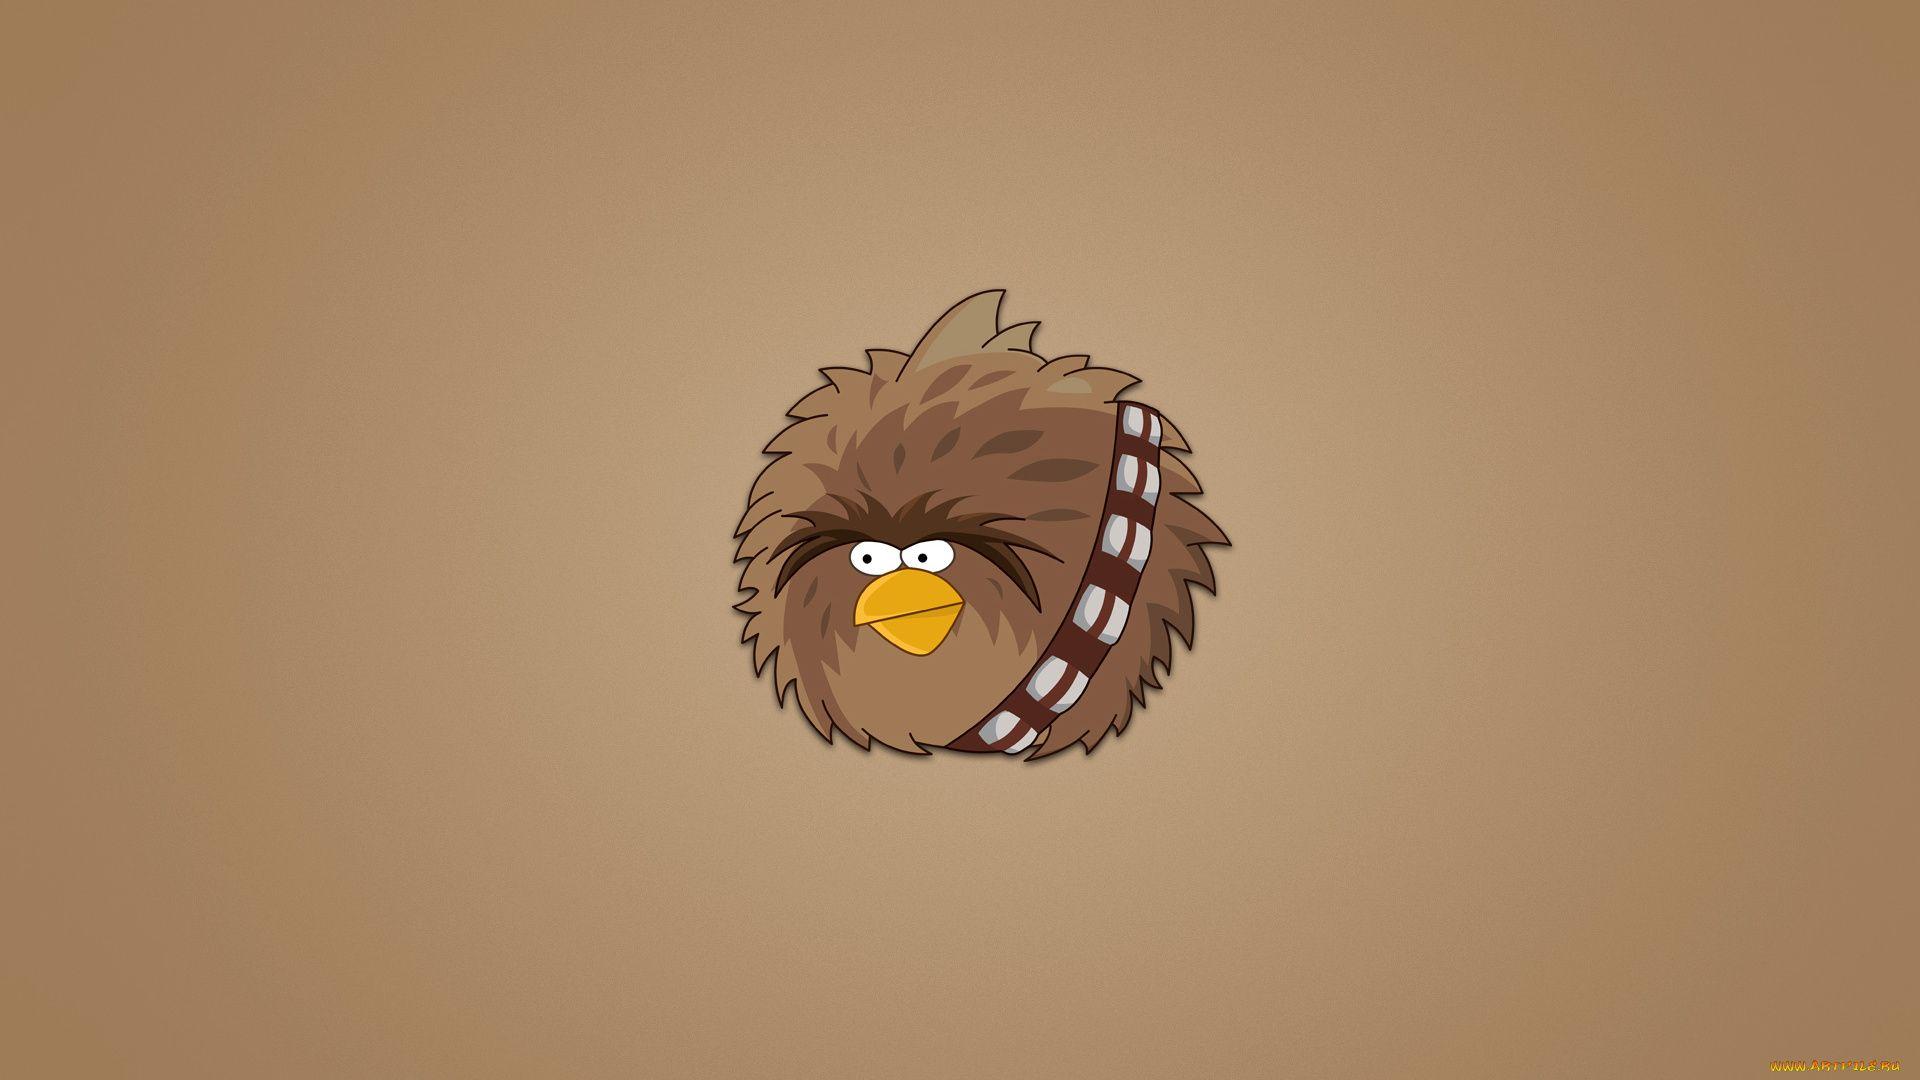 Chewbacca 1080p wallpaper